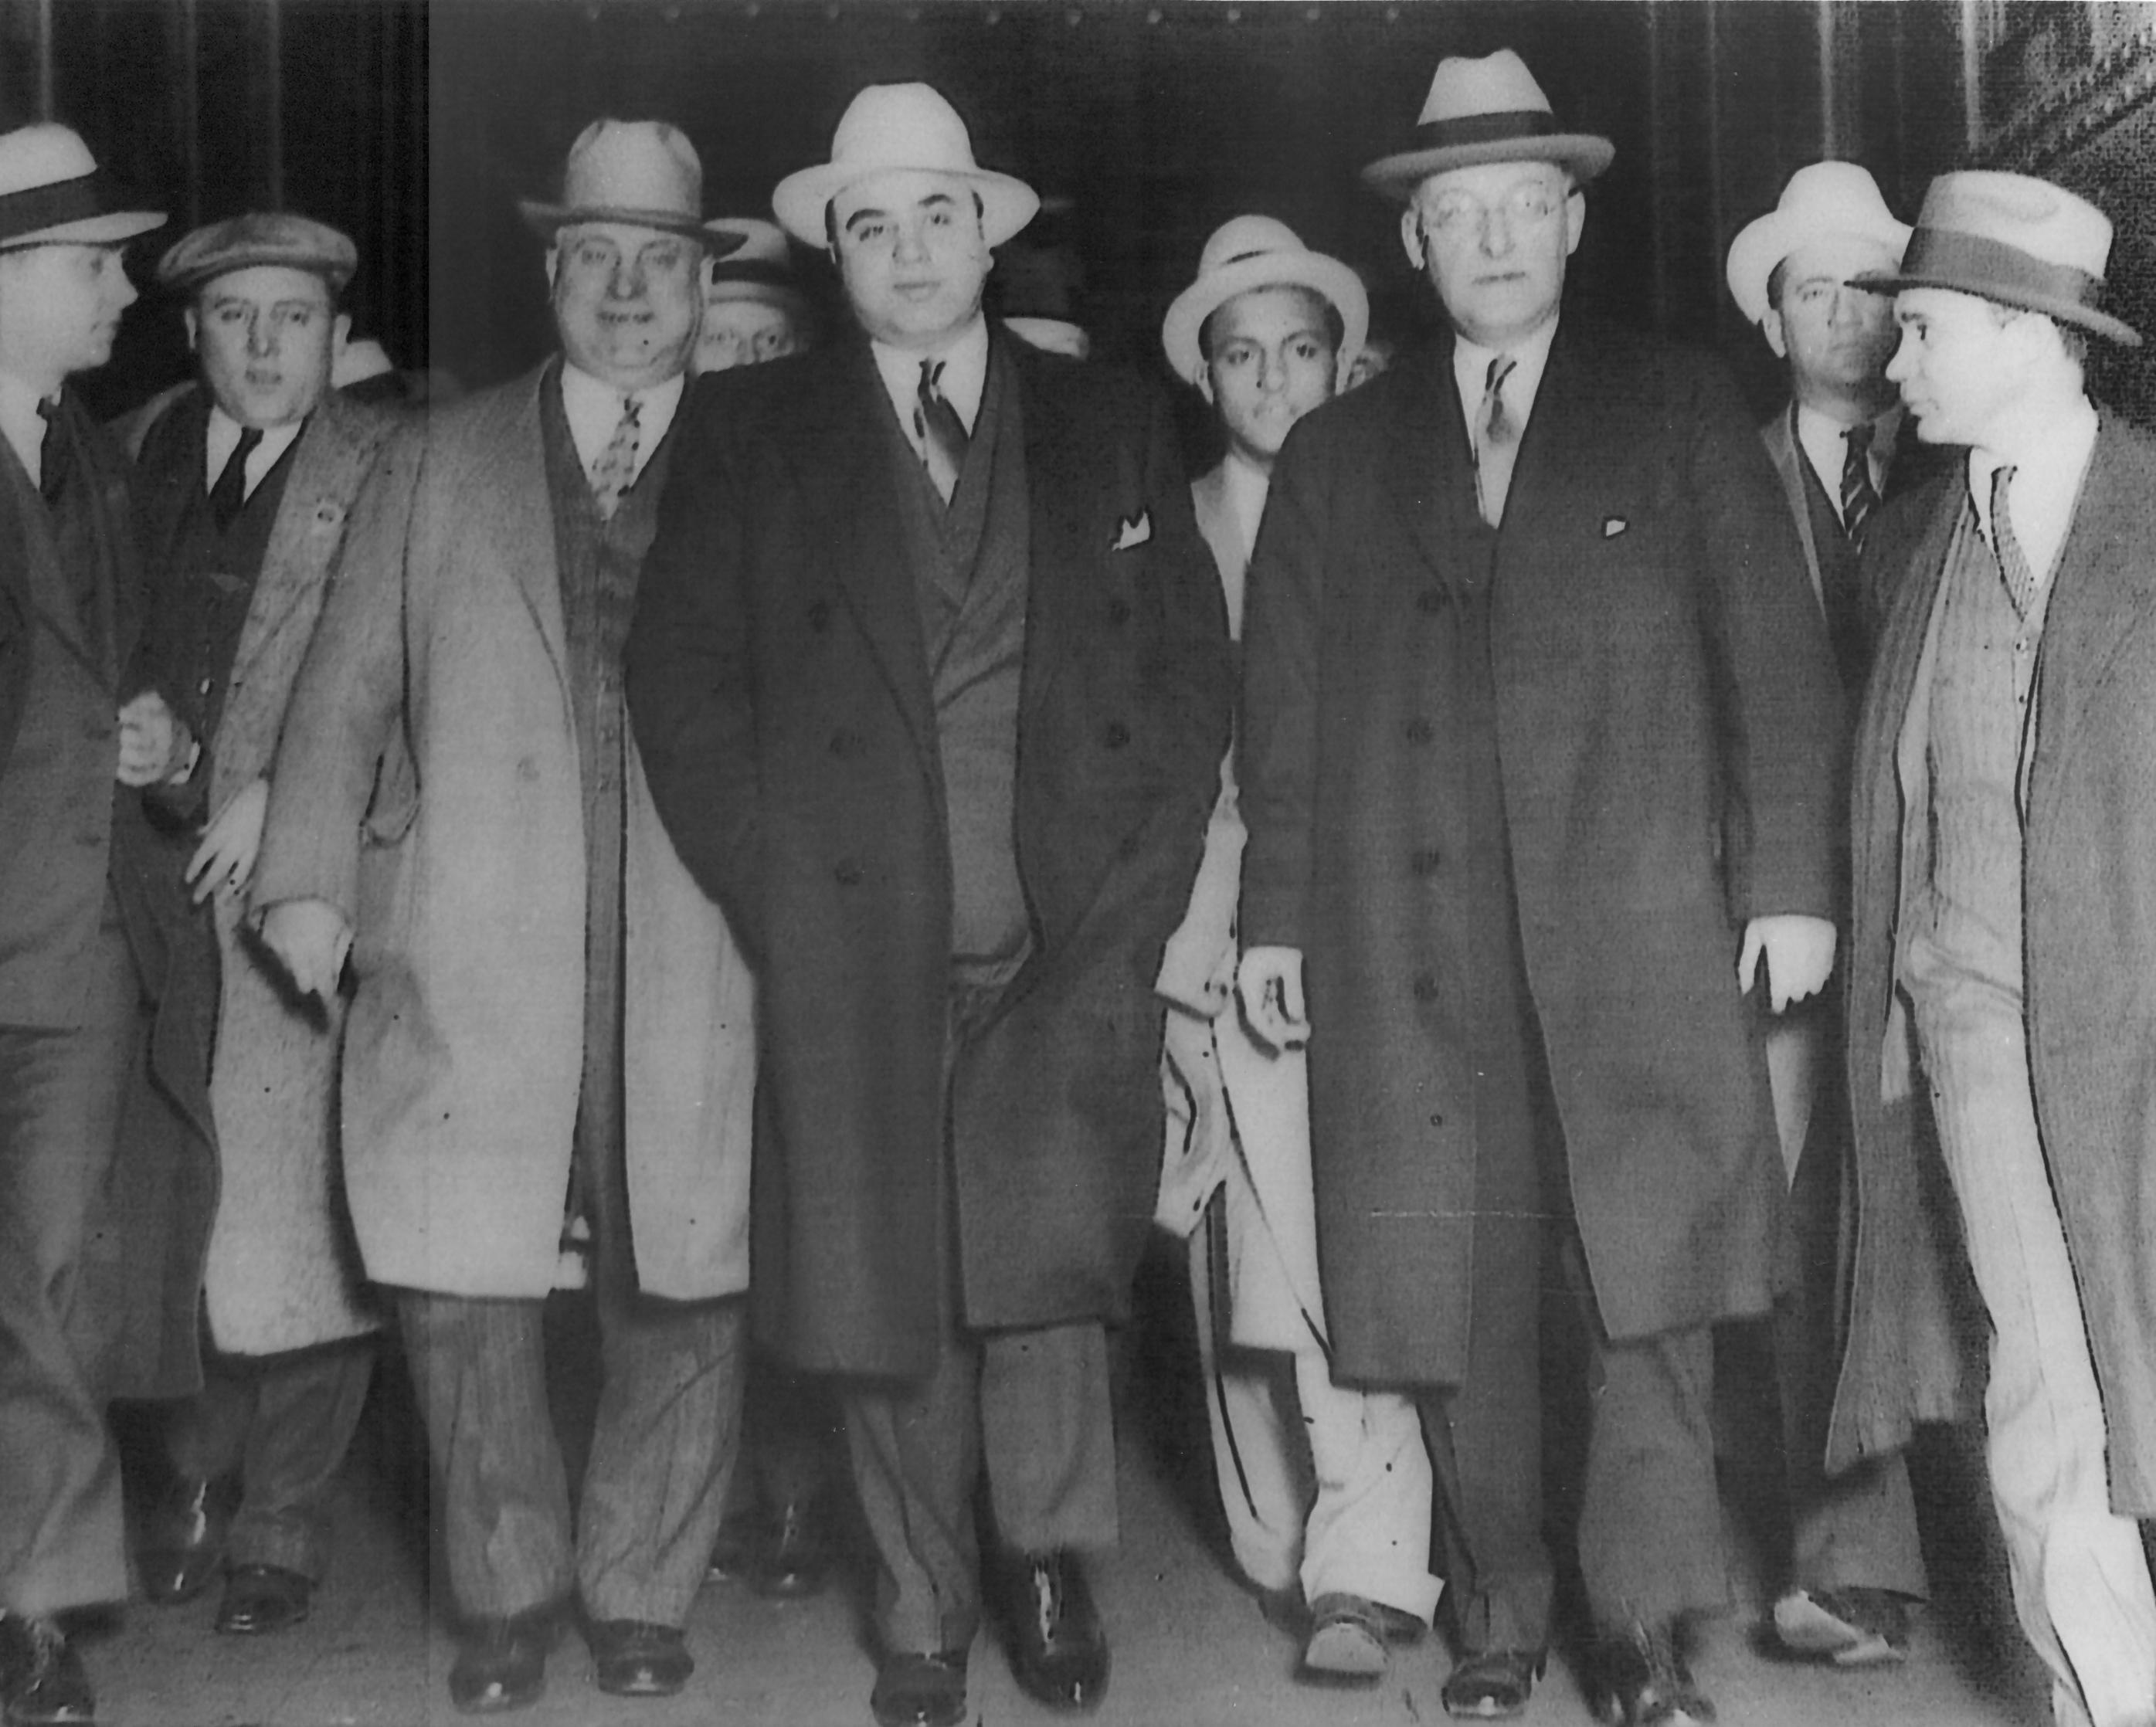 Al Capone with several of his companions